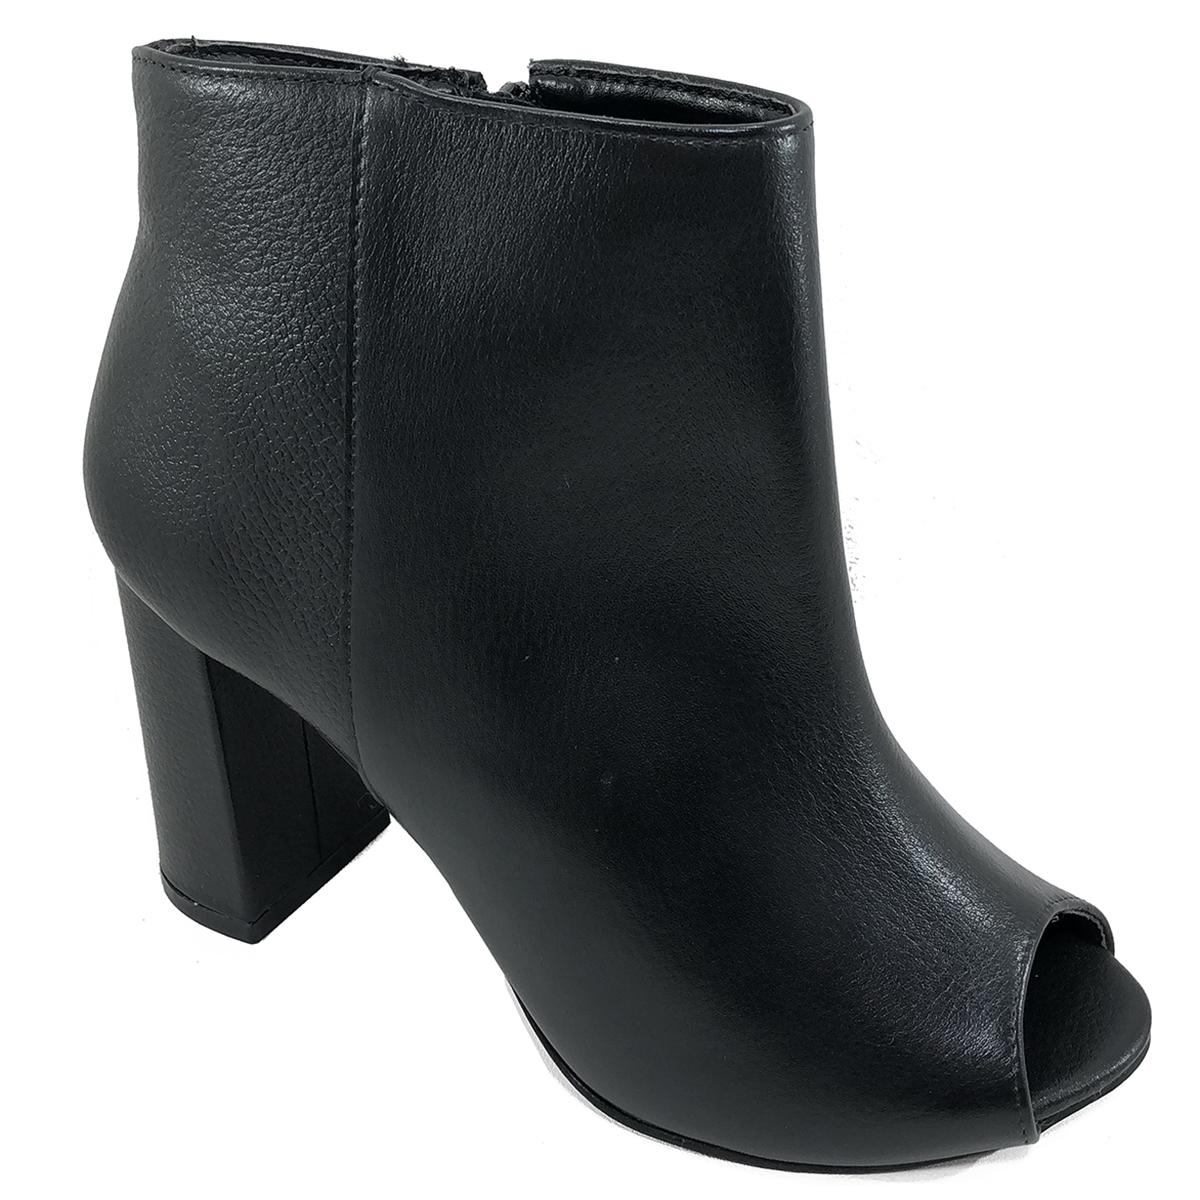 Ankle Boot Couro Capodarte Salto Grosso Feminina - Preto